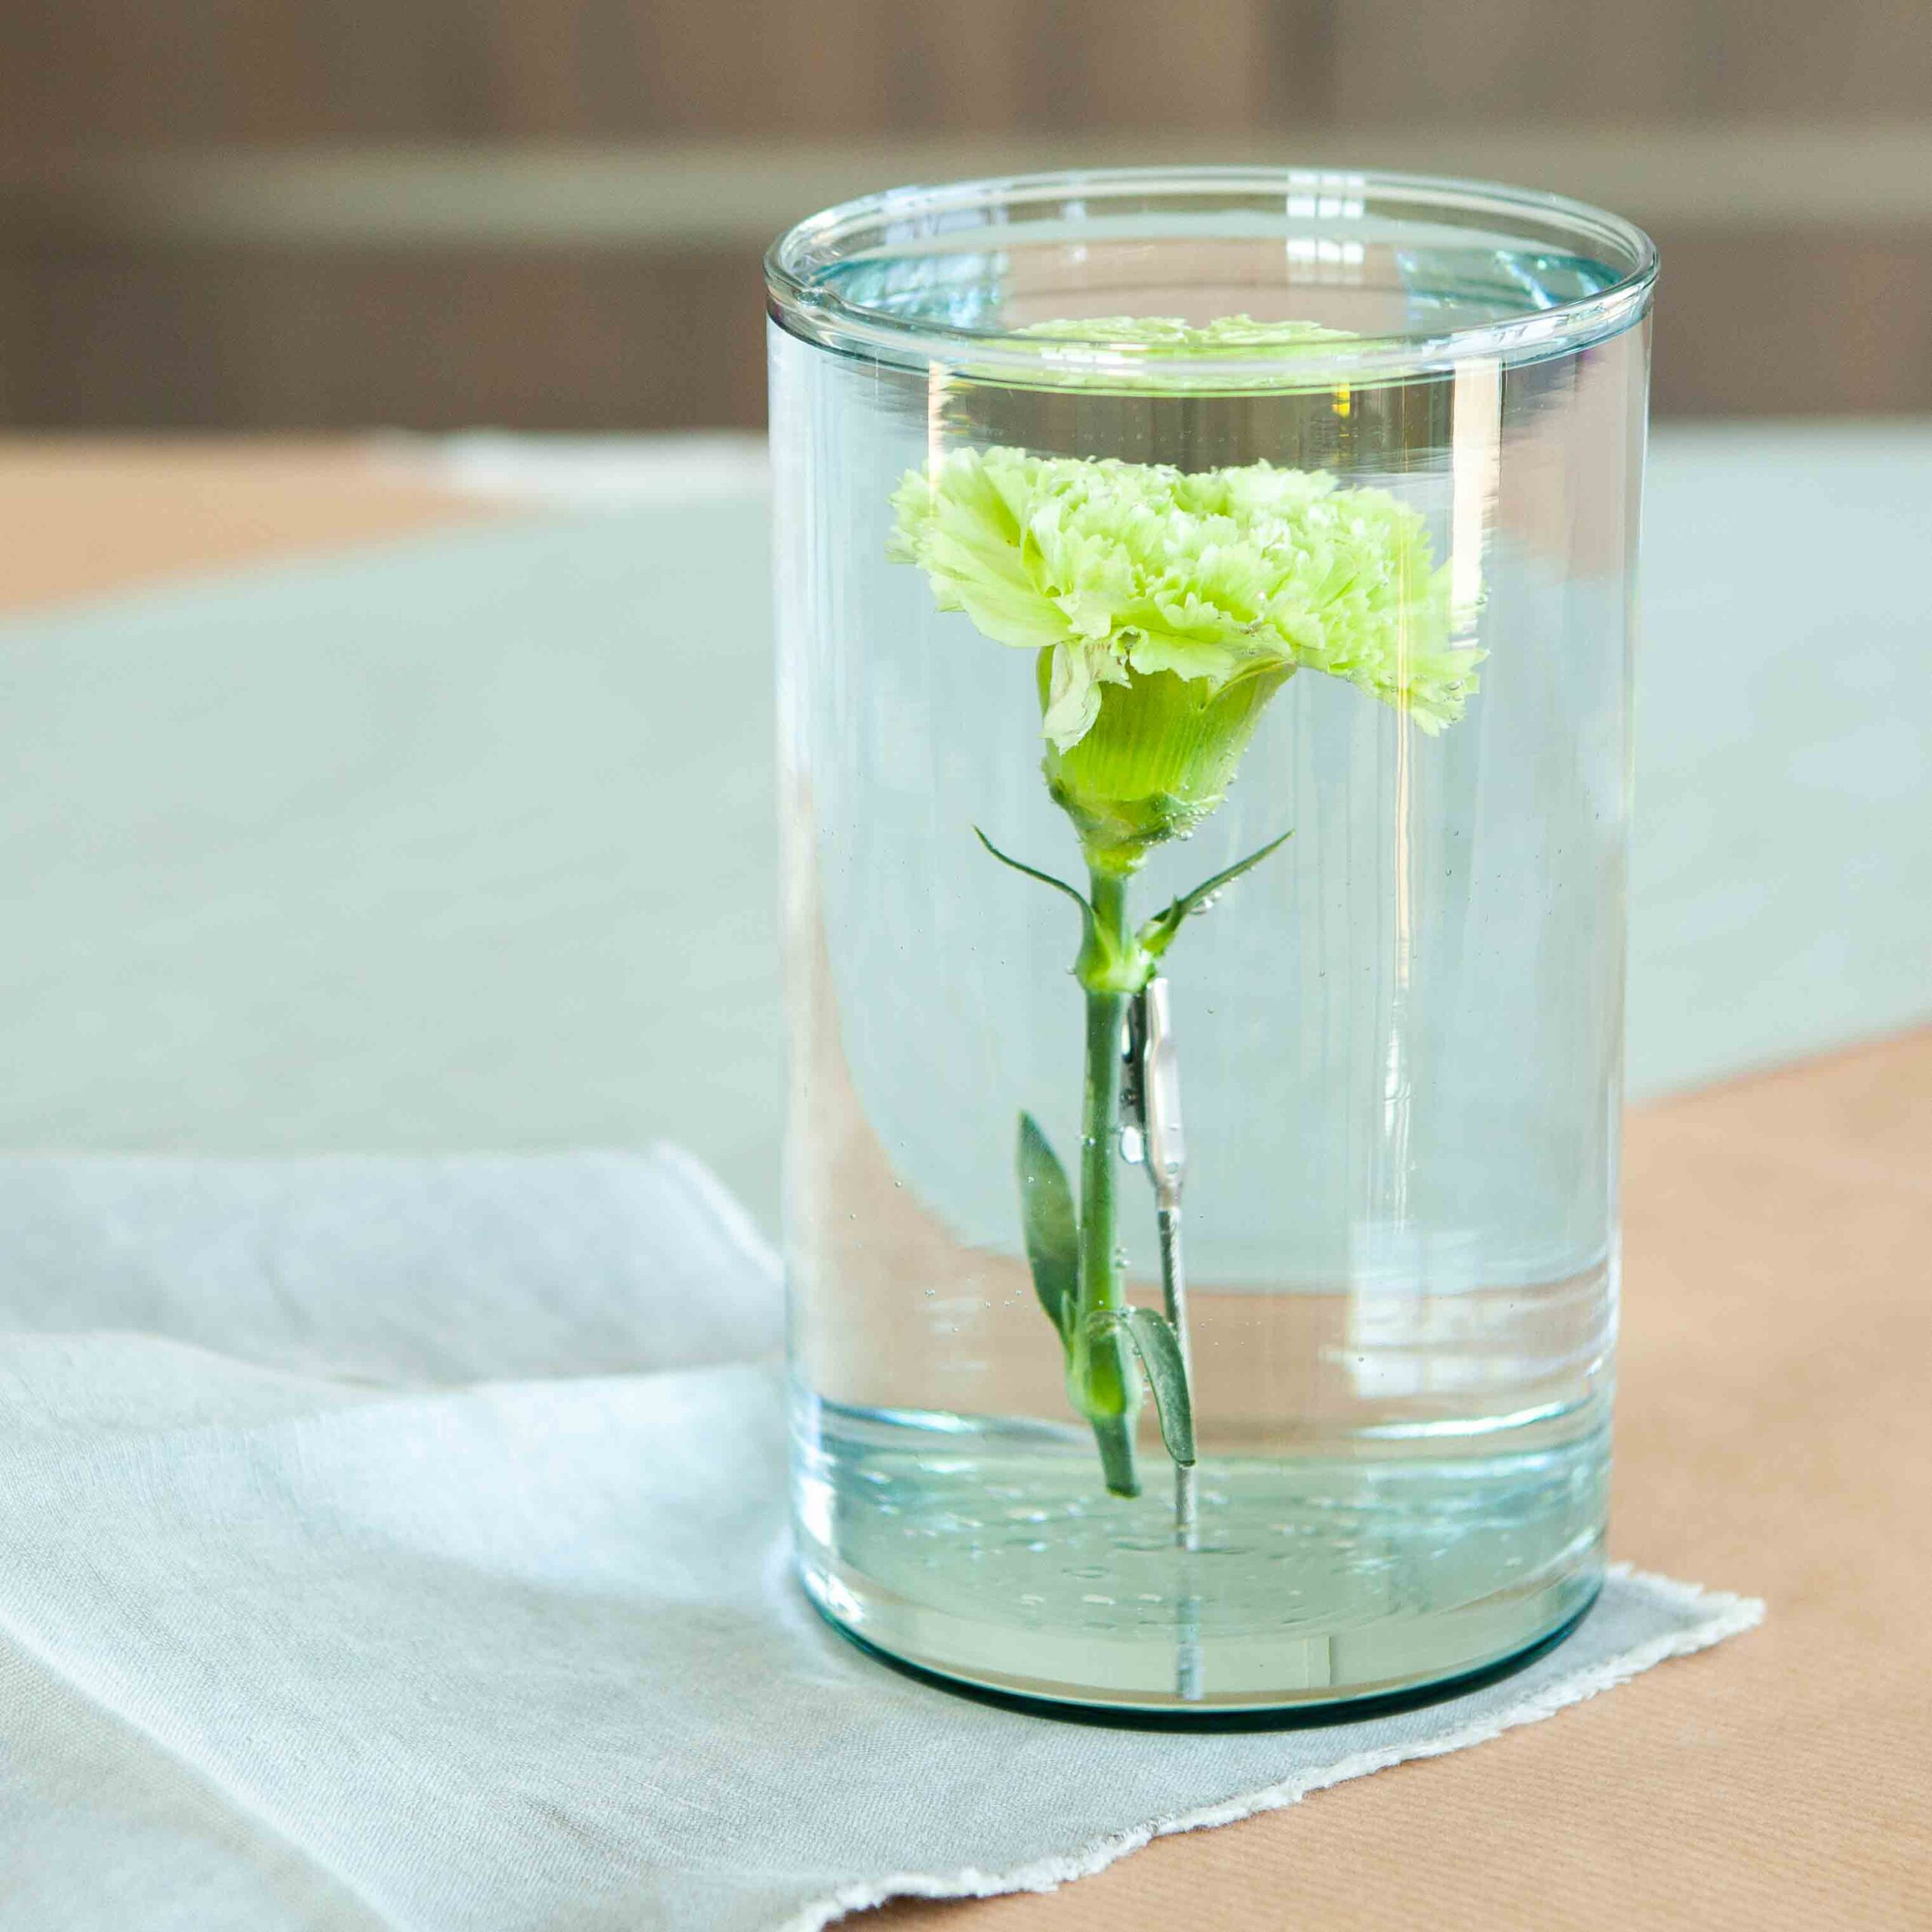 bloem onder water